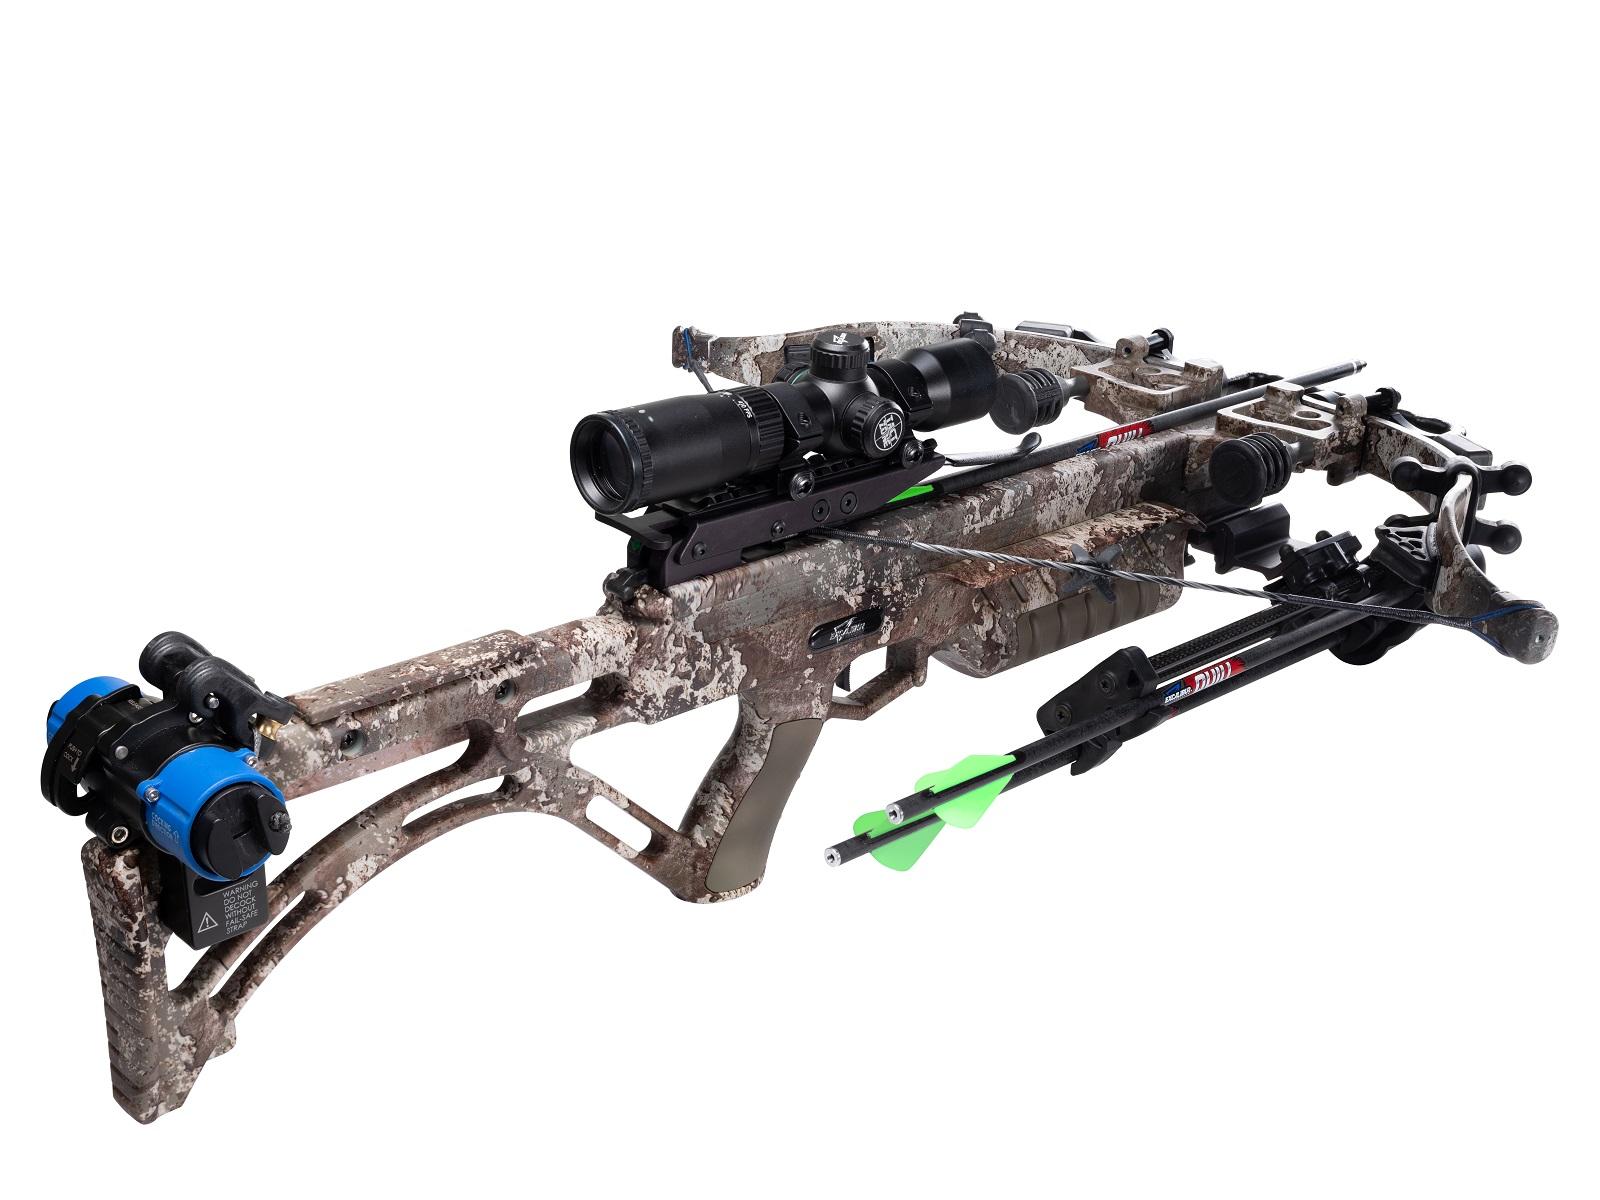 Купить арбалет Excalibur Micro Suppressor Strata with crank, арт. E73520 с доставкой